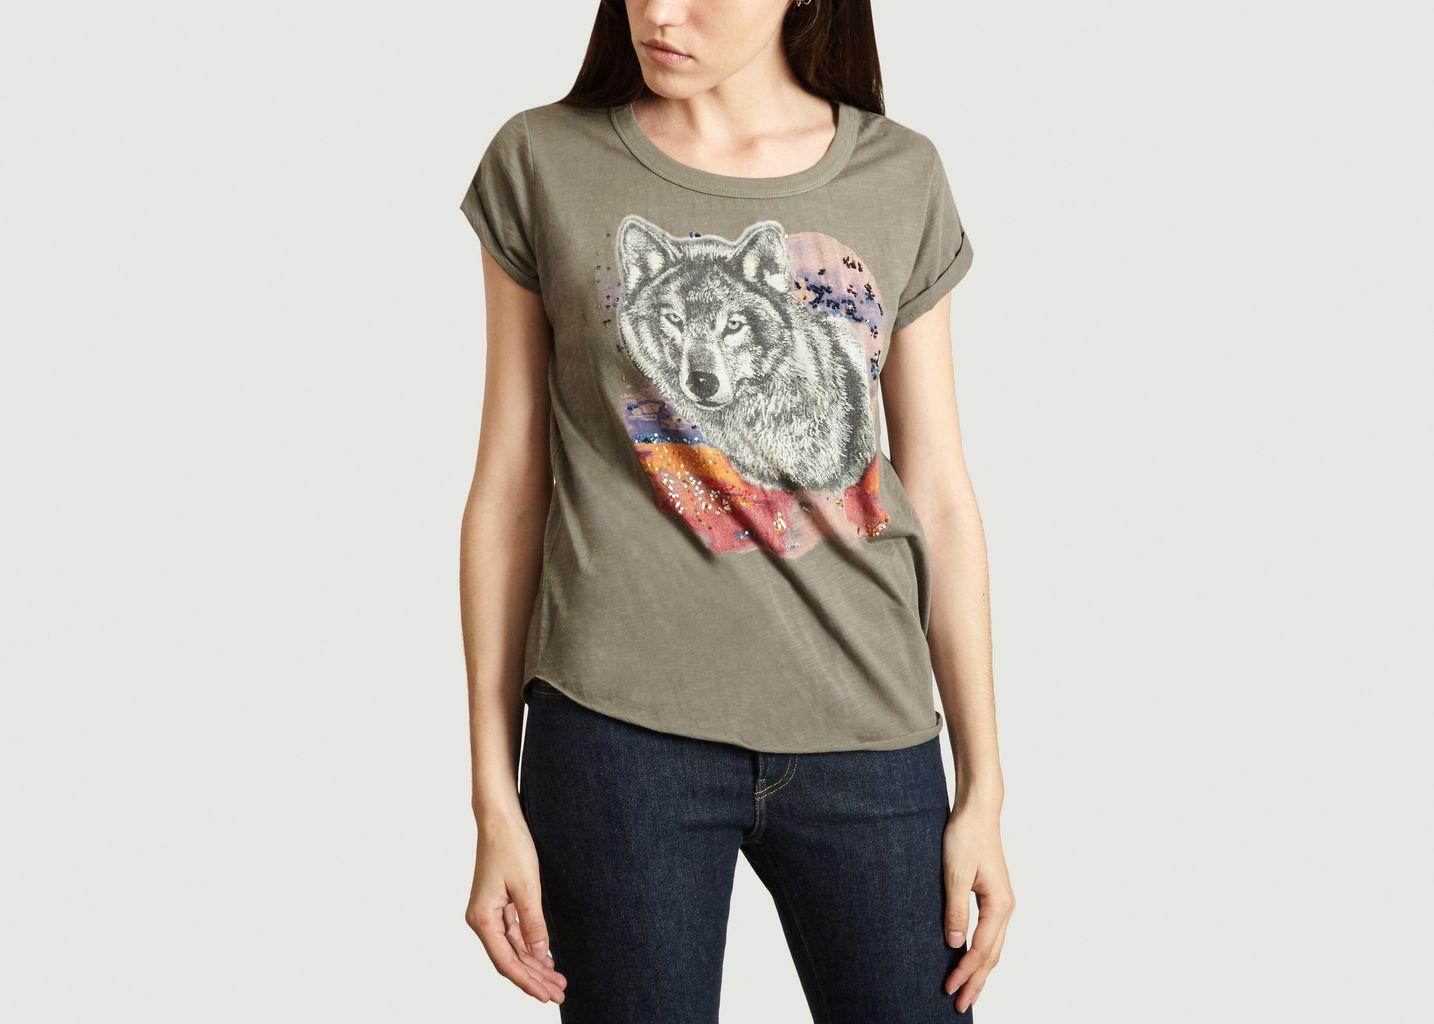 T-Shirt Tova Print Loup - Leon & Harper